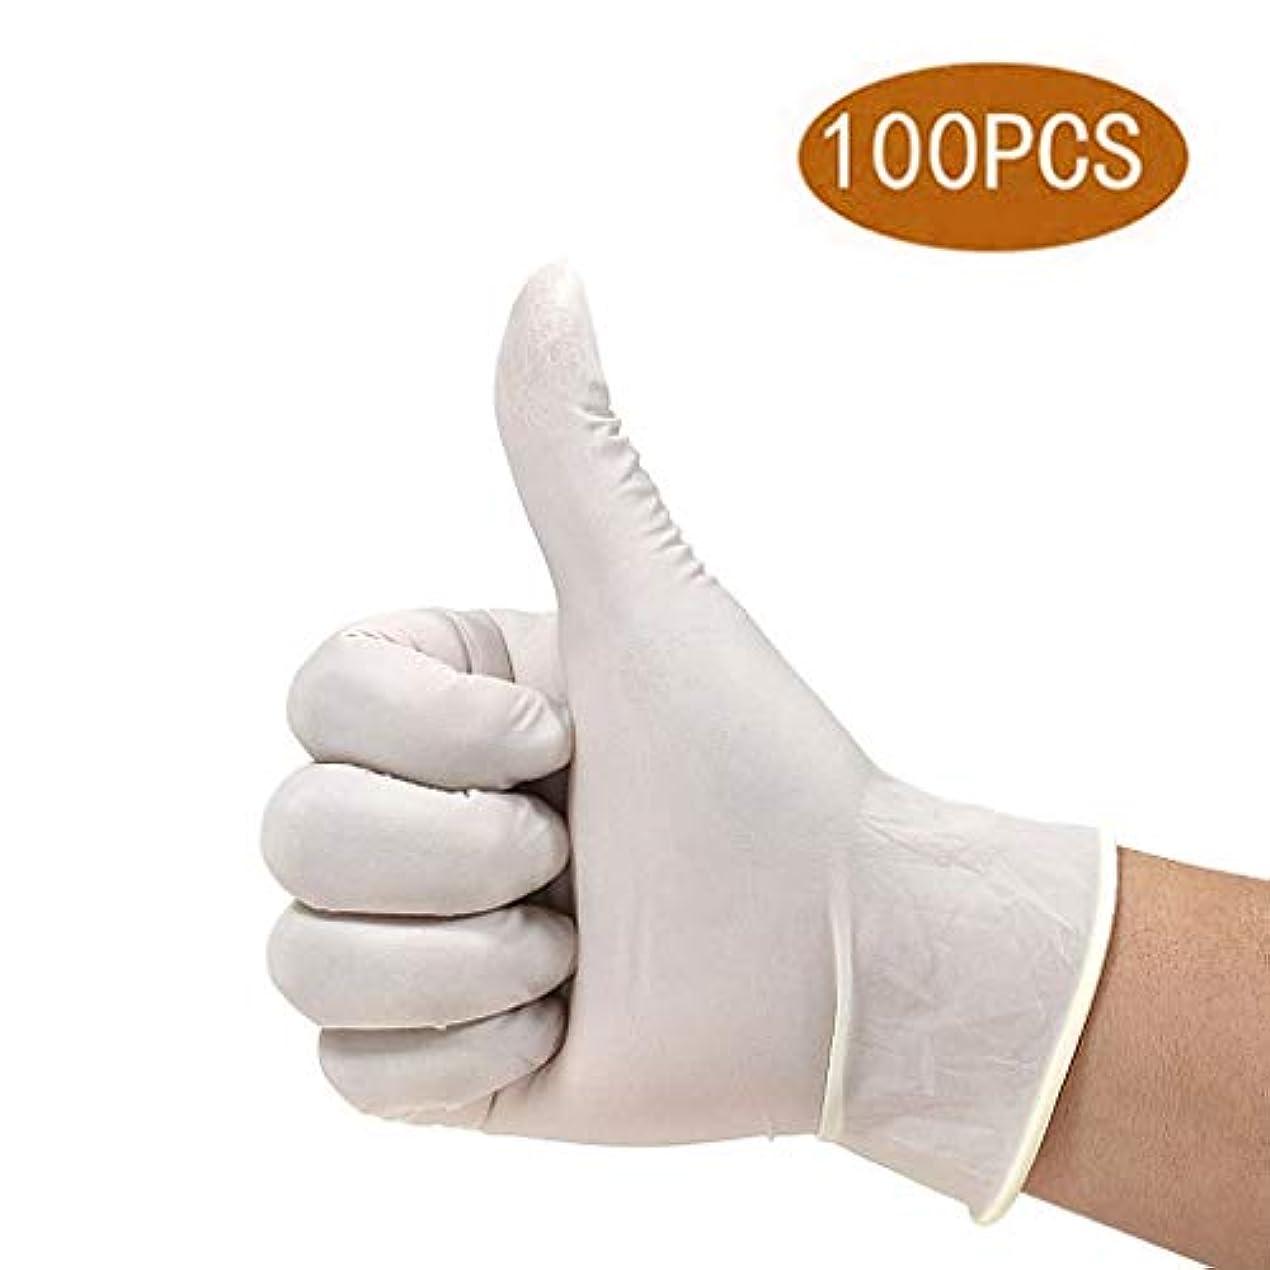 経由でエクスタシー踏みつけ使い捨て手袋ラテックスプラスチック保護洗浄野菜タトゥー家庭用医療肥厚耐久性タトゥー検査実験タトゥー保護ゴム、(100個/箱) (Size : L)